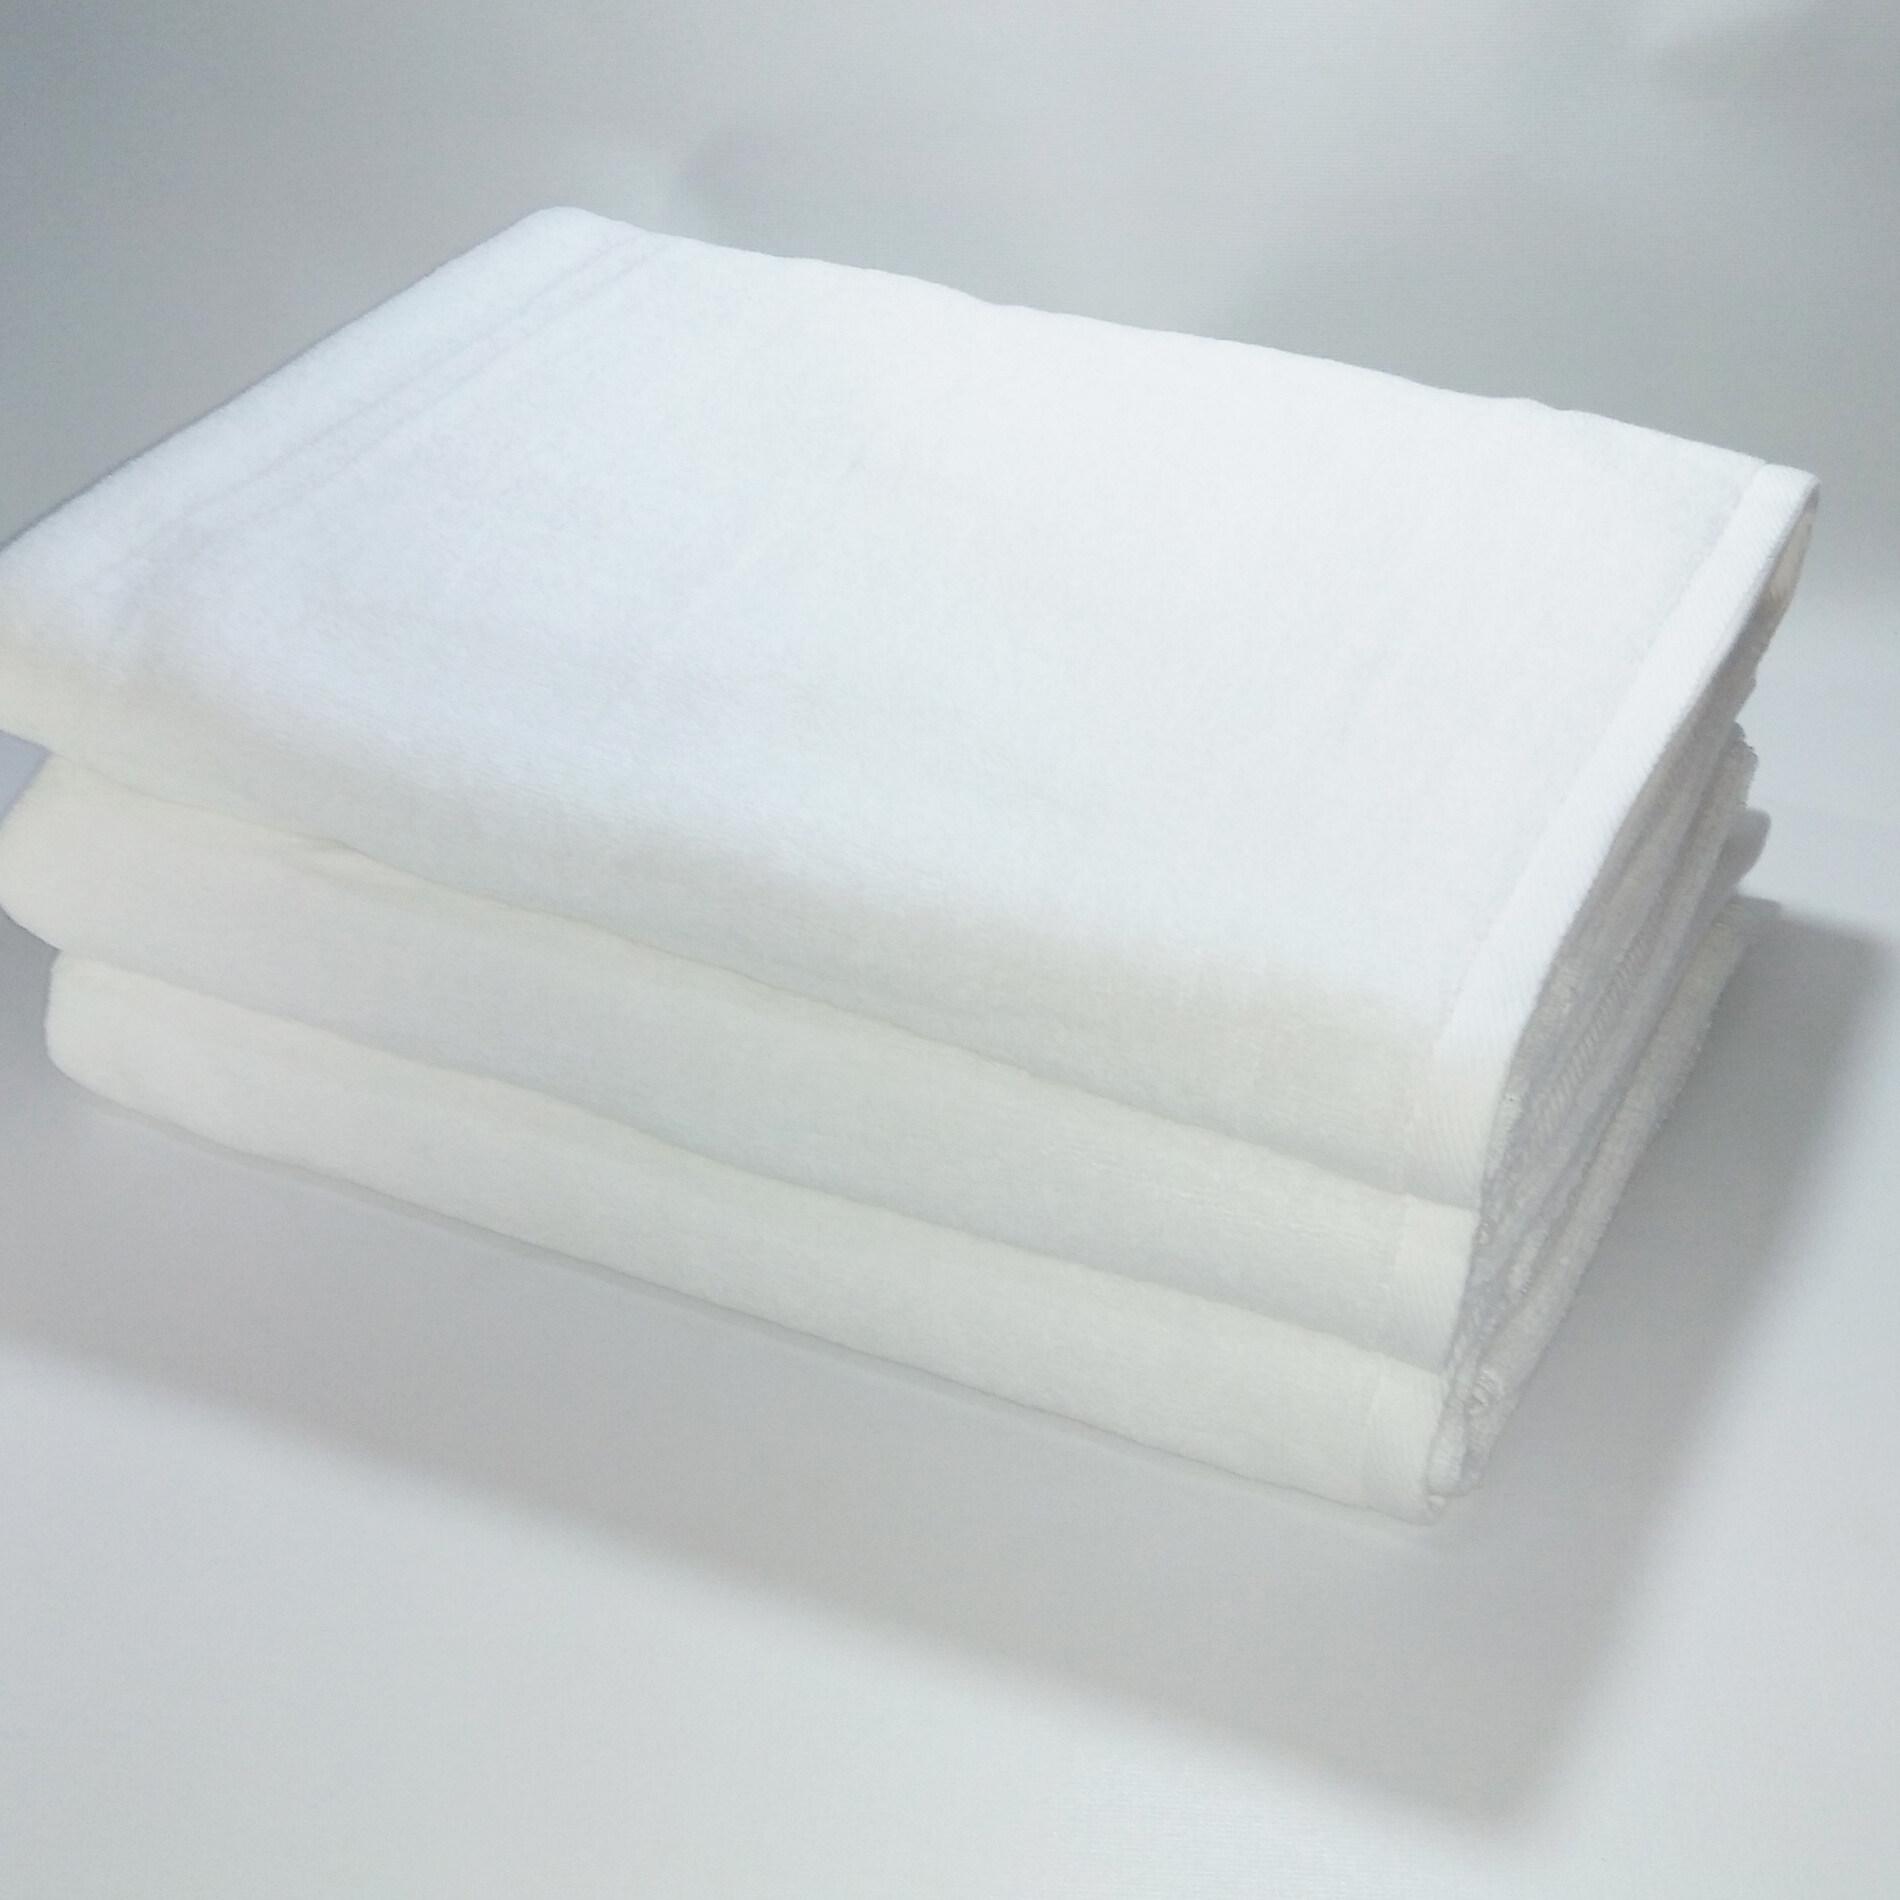 ผ้าเช็ดตัวเกรดโรงแรม ขนาด 75x150 ซม. ผ้าขนหนูคอตตอนแท้ 100 % น้ำหนักผืนละ 500 กรัม (14 ปอนด์) จำนวน 1 ผืน.